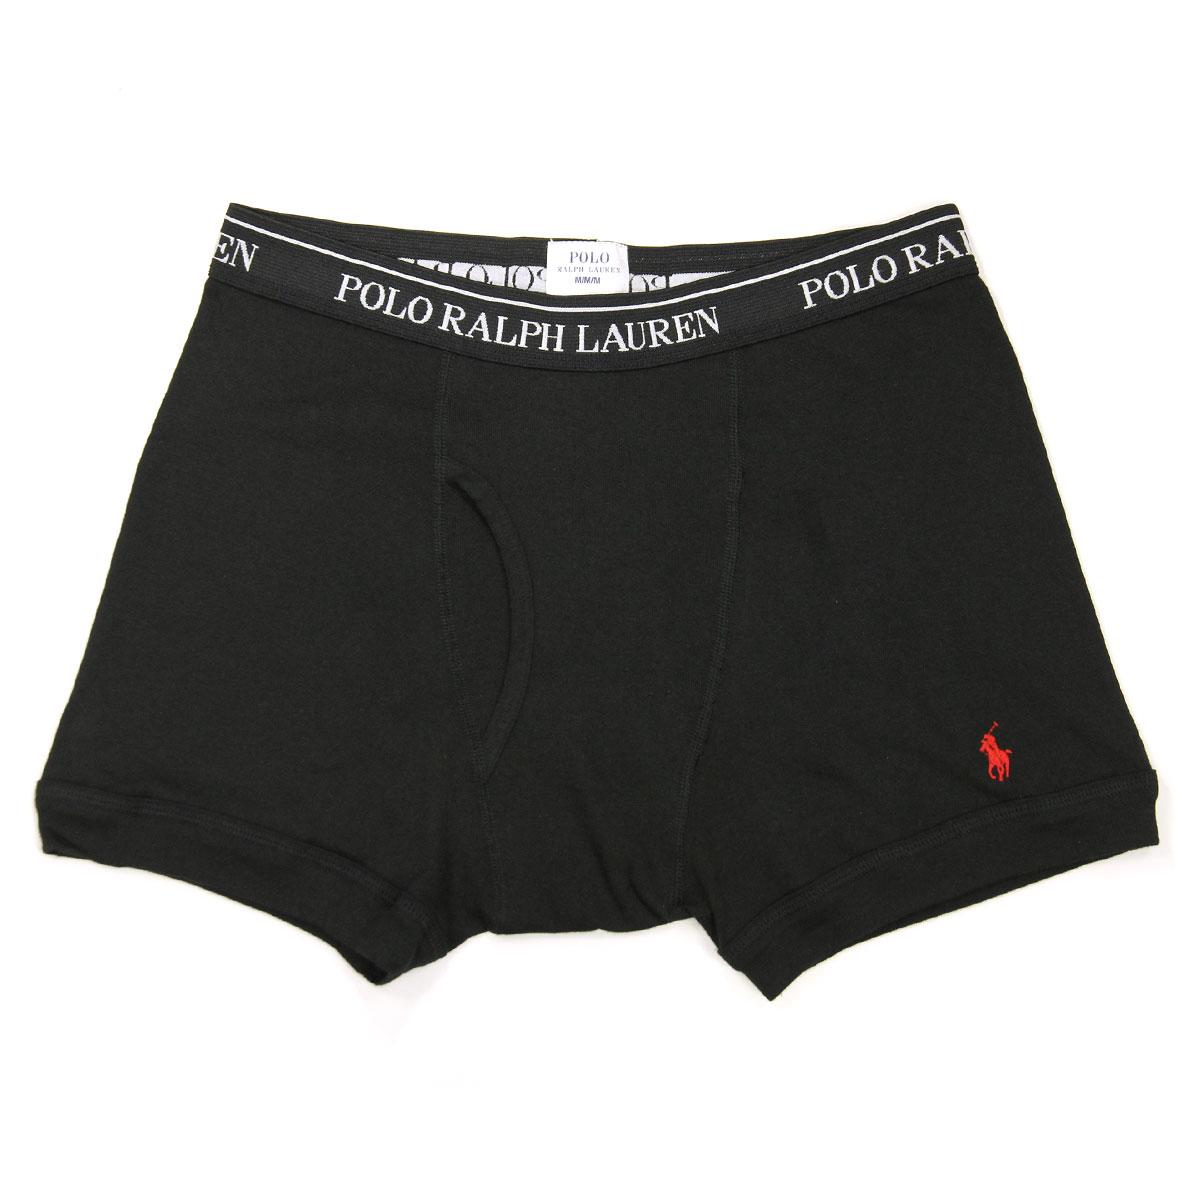 ポロ ラルフローレン POLO RALPH LAUREN 正規品 メンズ ボクサーブリーフ3パック Boxer Brief 3-Pack 4023369 BLACK  A05B B1C C7D D2E E13F